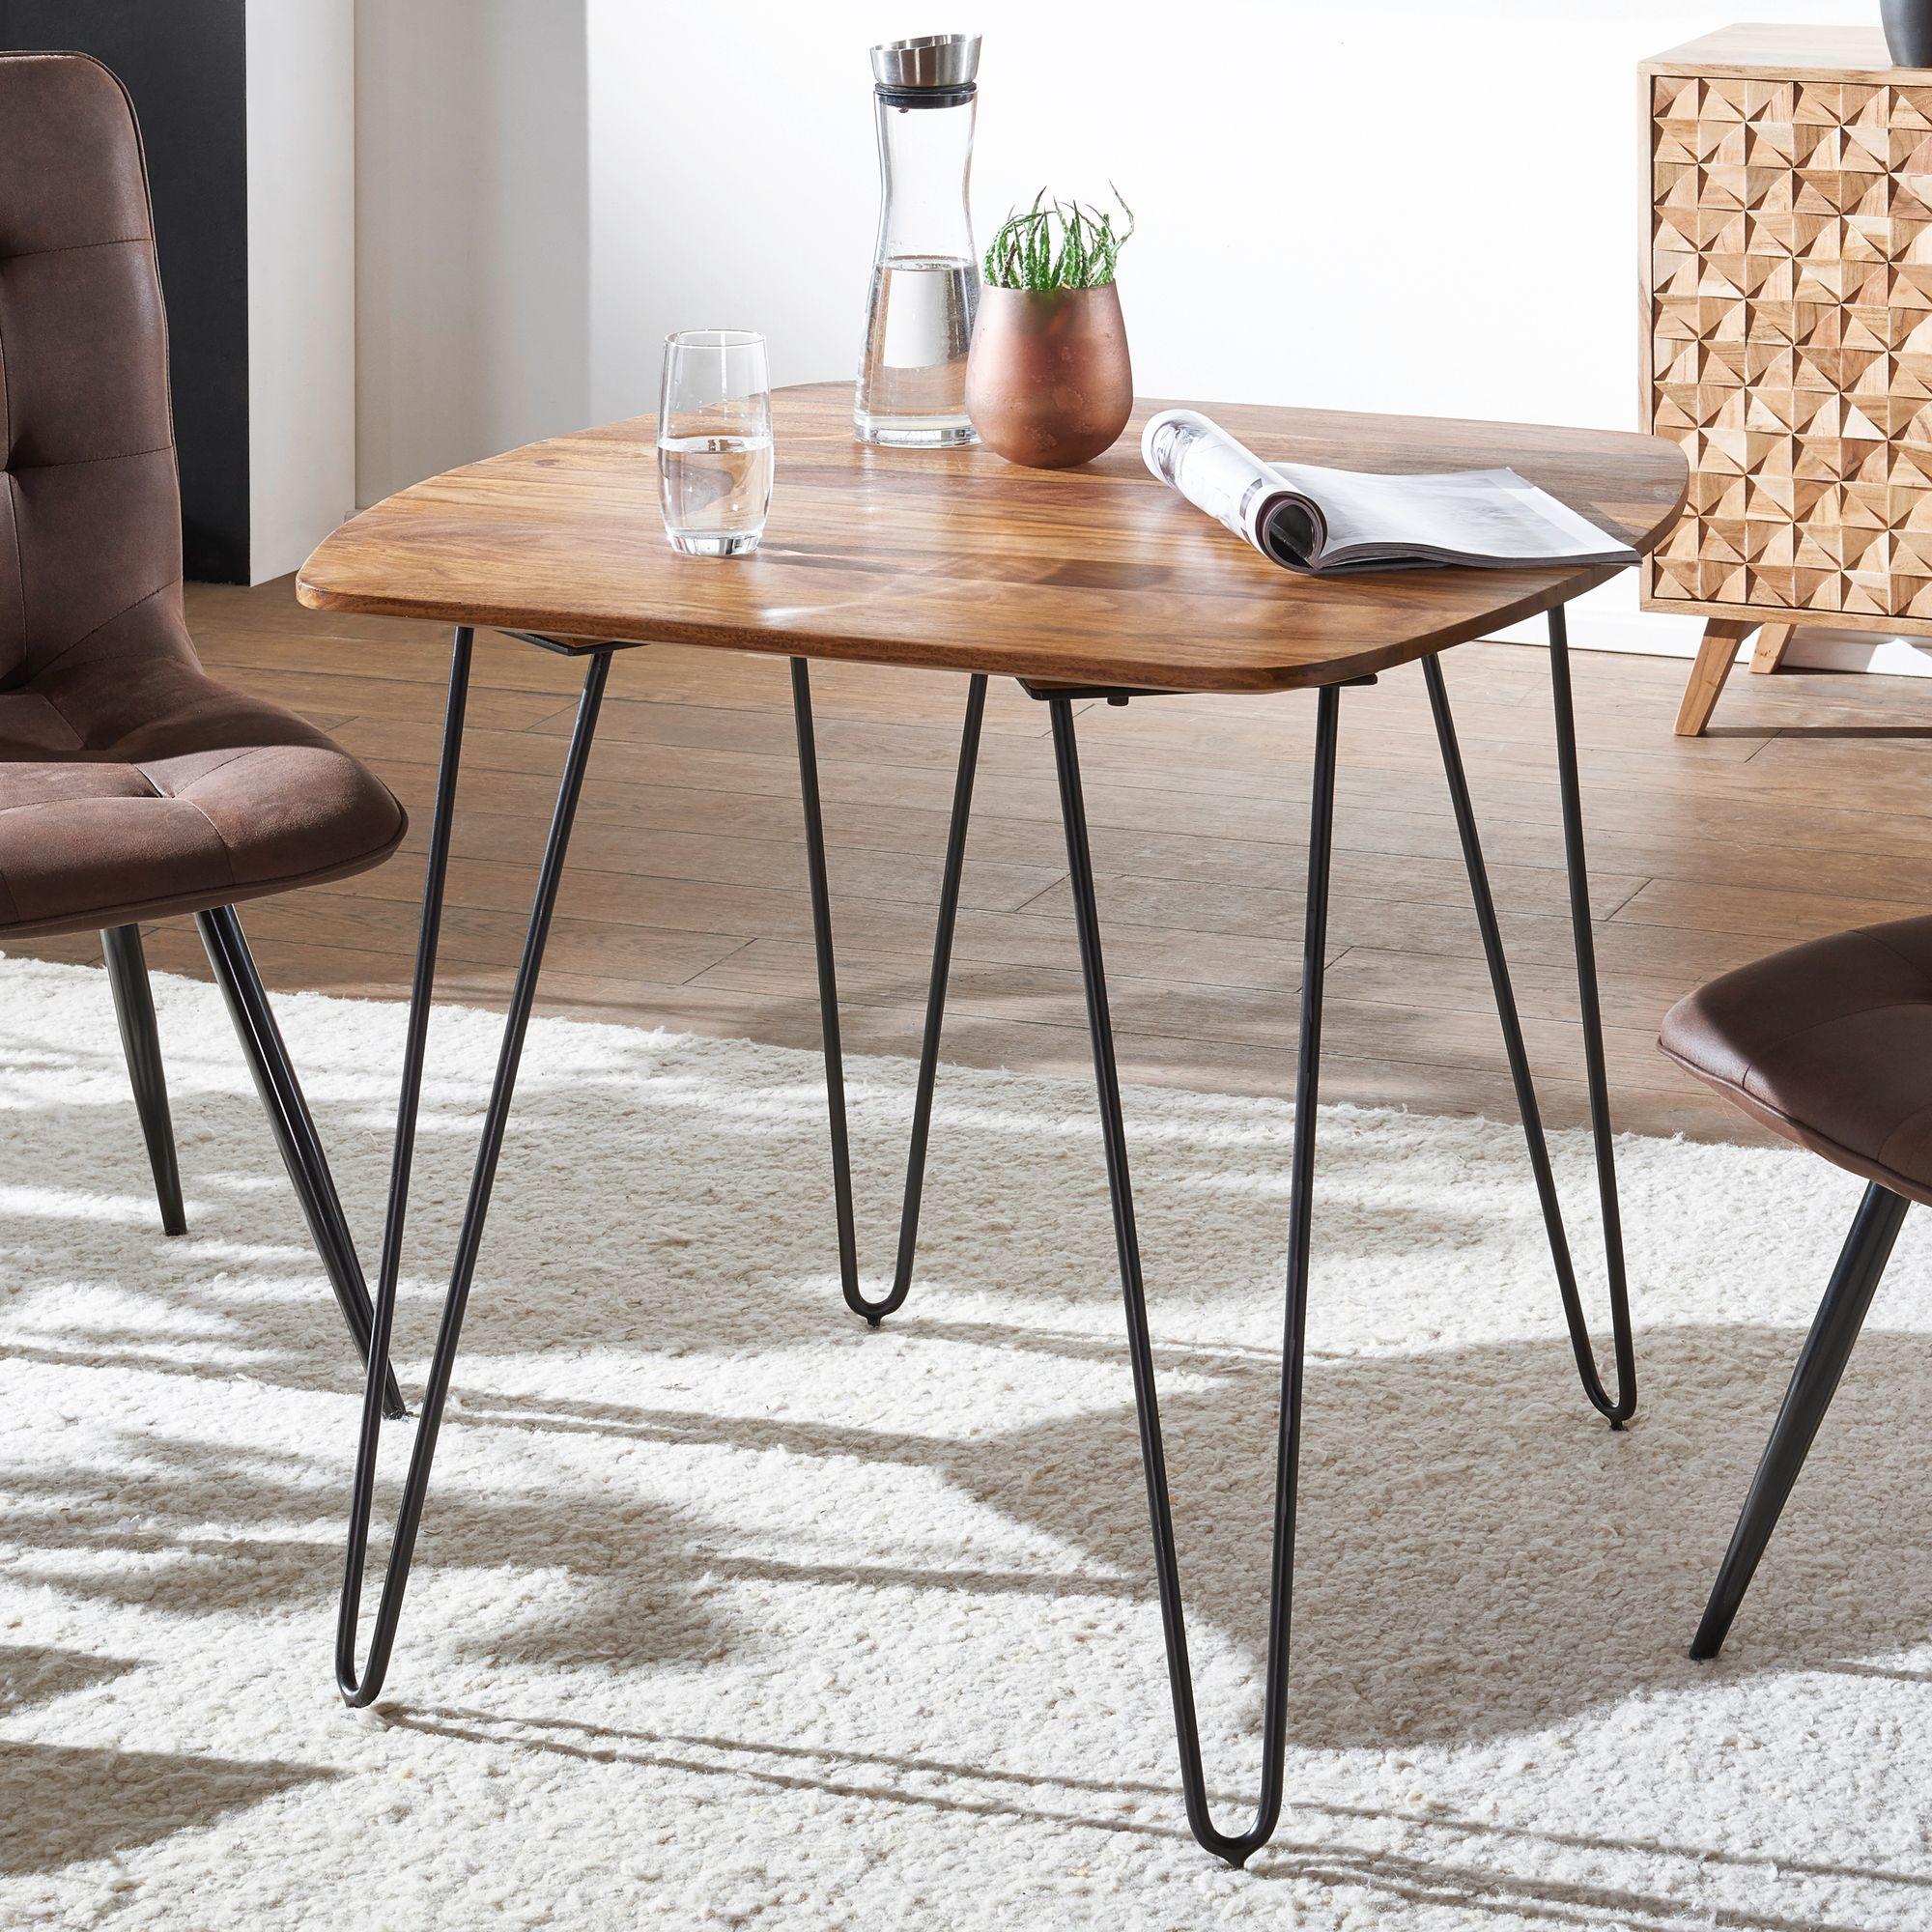 WOHNLING Esszimmertisch KELA 48x48x48 cm Sheesham Massivholz  Esstisch mit  Metallbeinen  Massiver Echtholz Tisch Quadratisch  Designer Holztisch